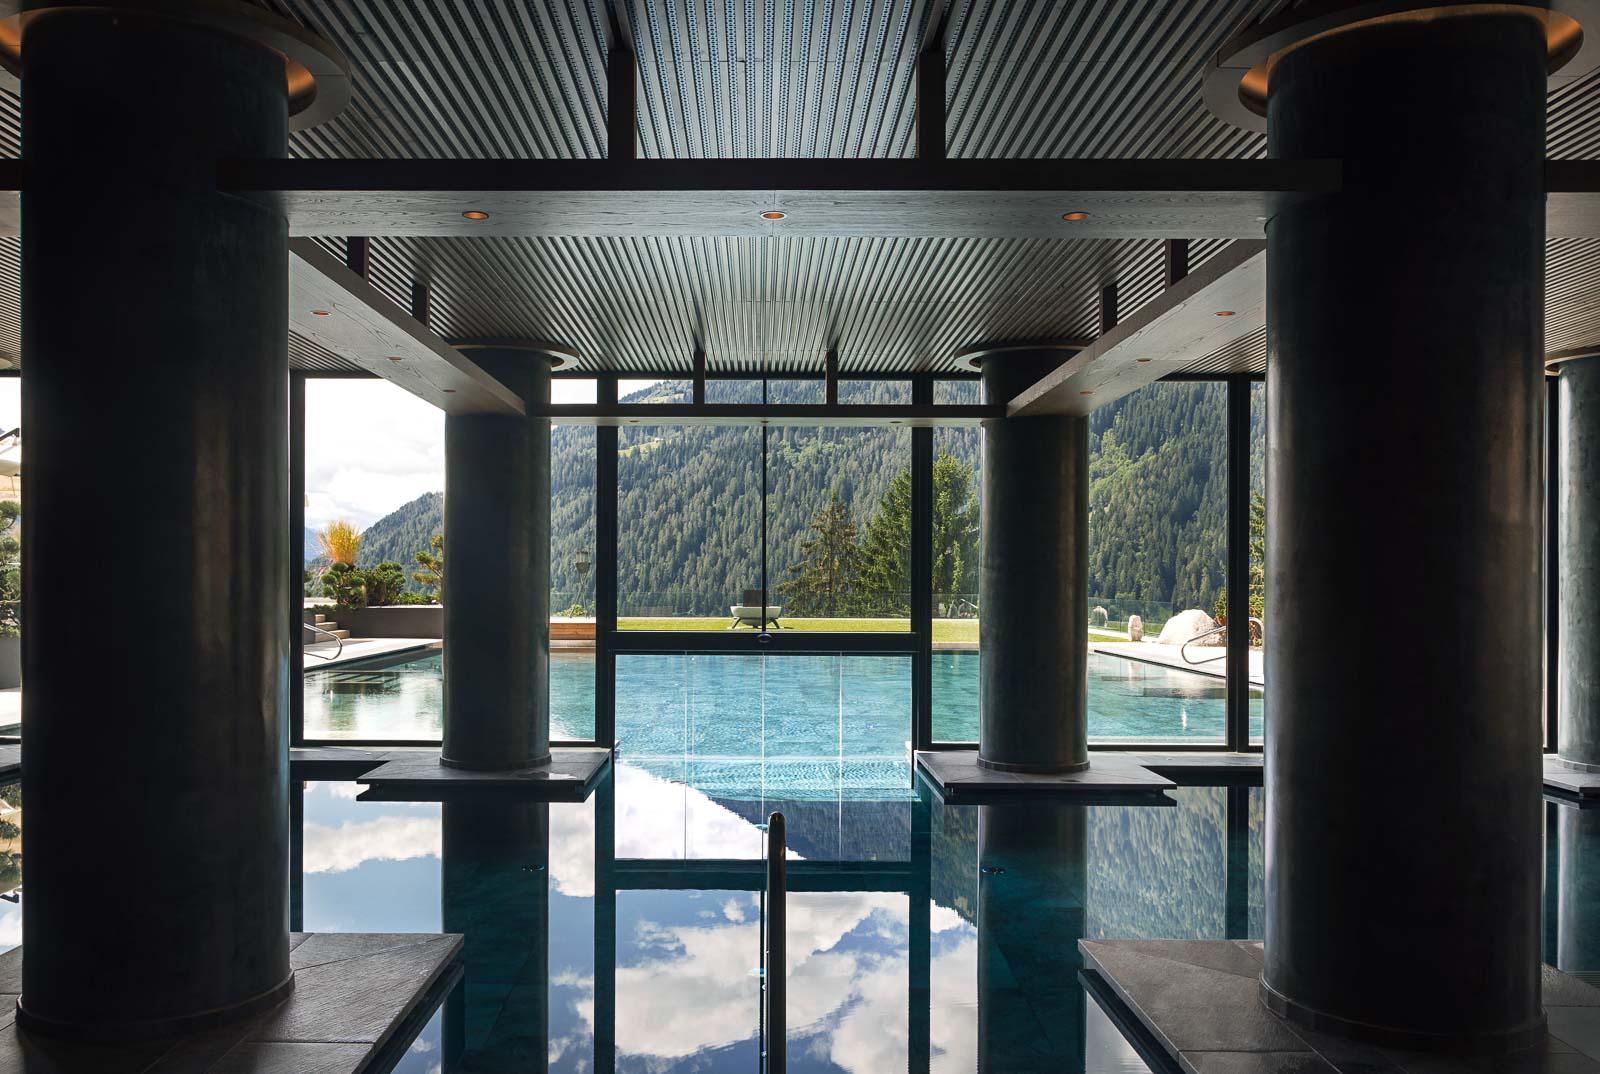 La Indoor Pool del Lefay Resort SPA Dolomiti. Foto: Mattia Aquila